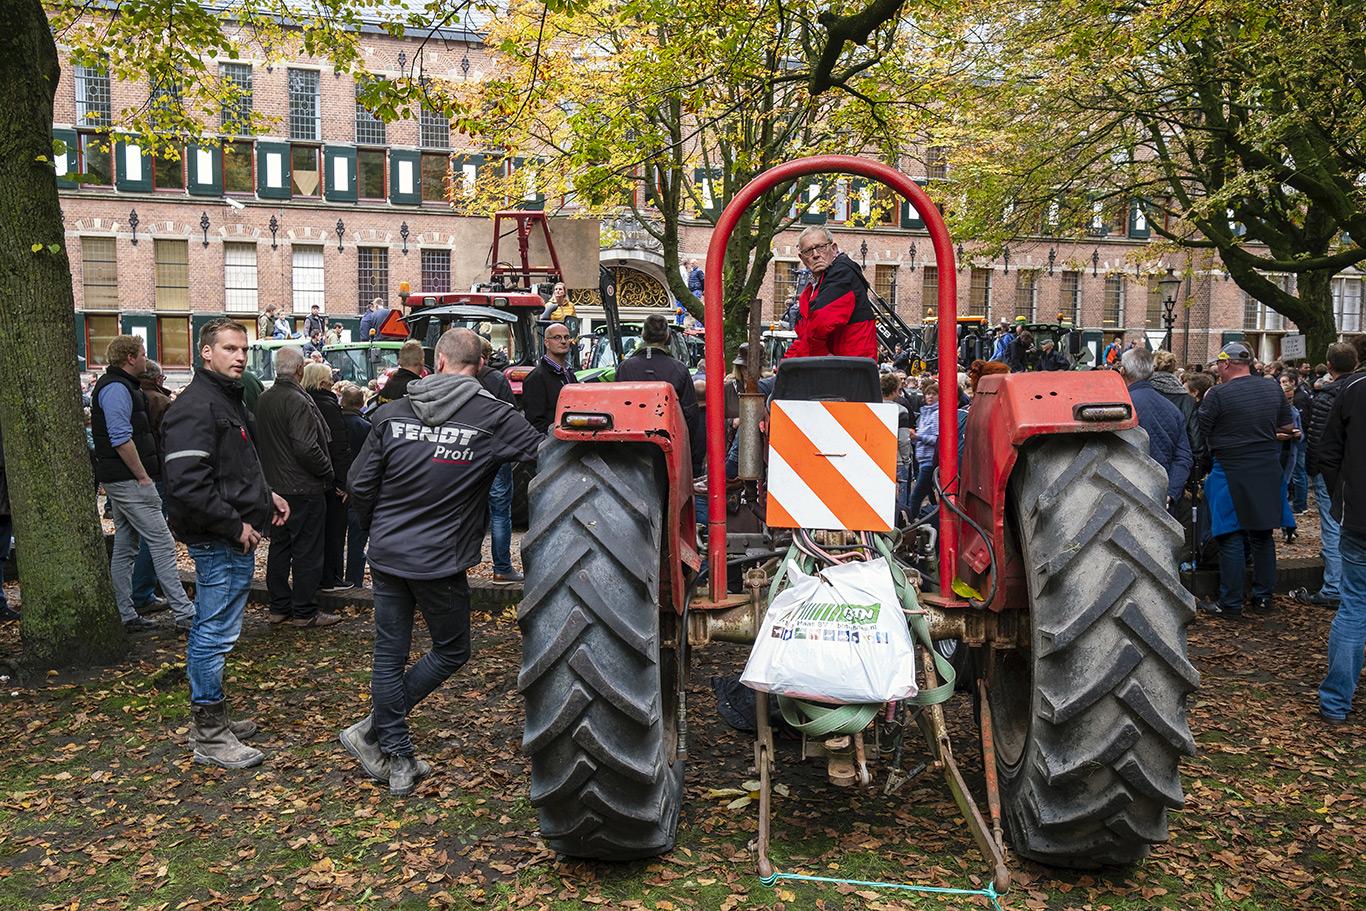 Boerenprotest - Op maandag 14 Oktober 2019 trokken honderden boeren met hun trekkers naar het provinciehuis in het centrum van de stad Groningen